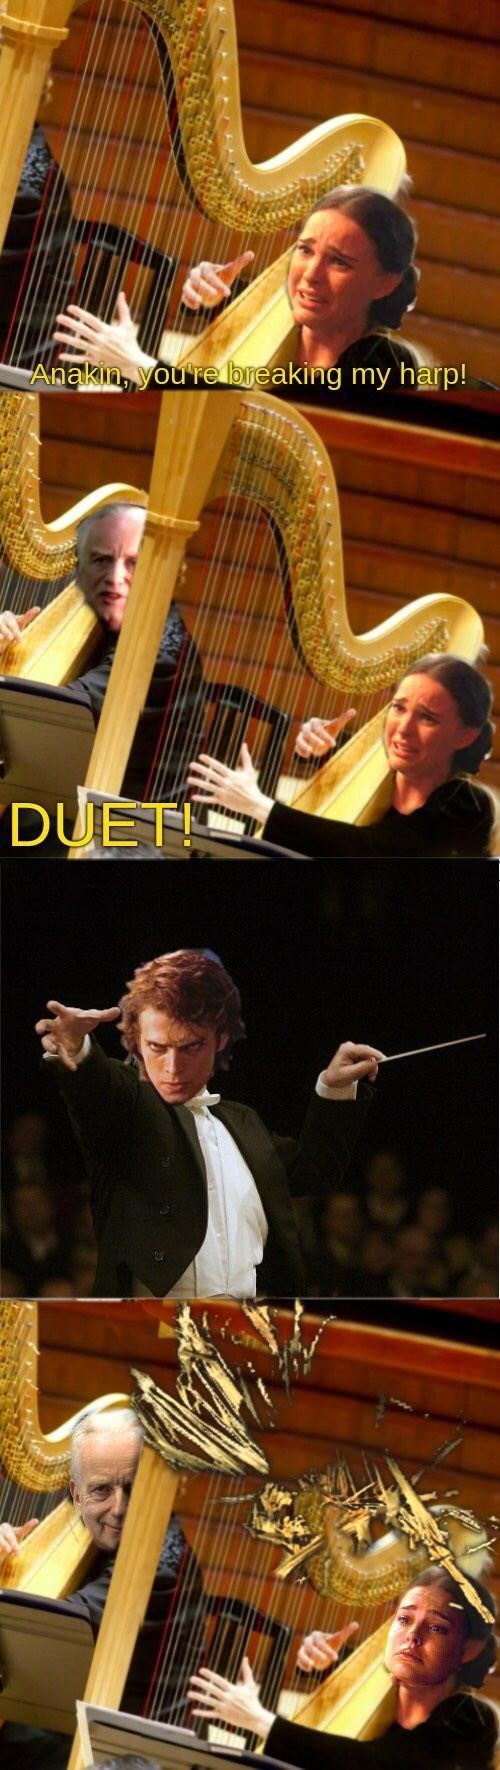 Harpist - Anakin, you re breaking my harp! DUET